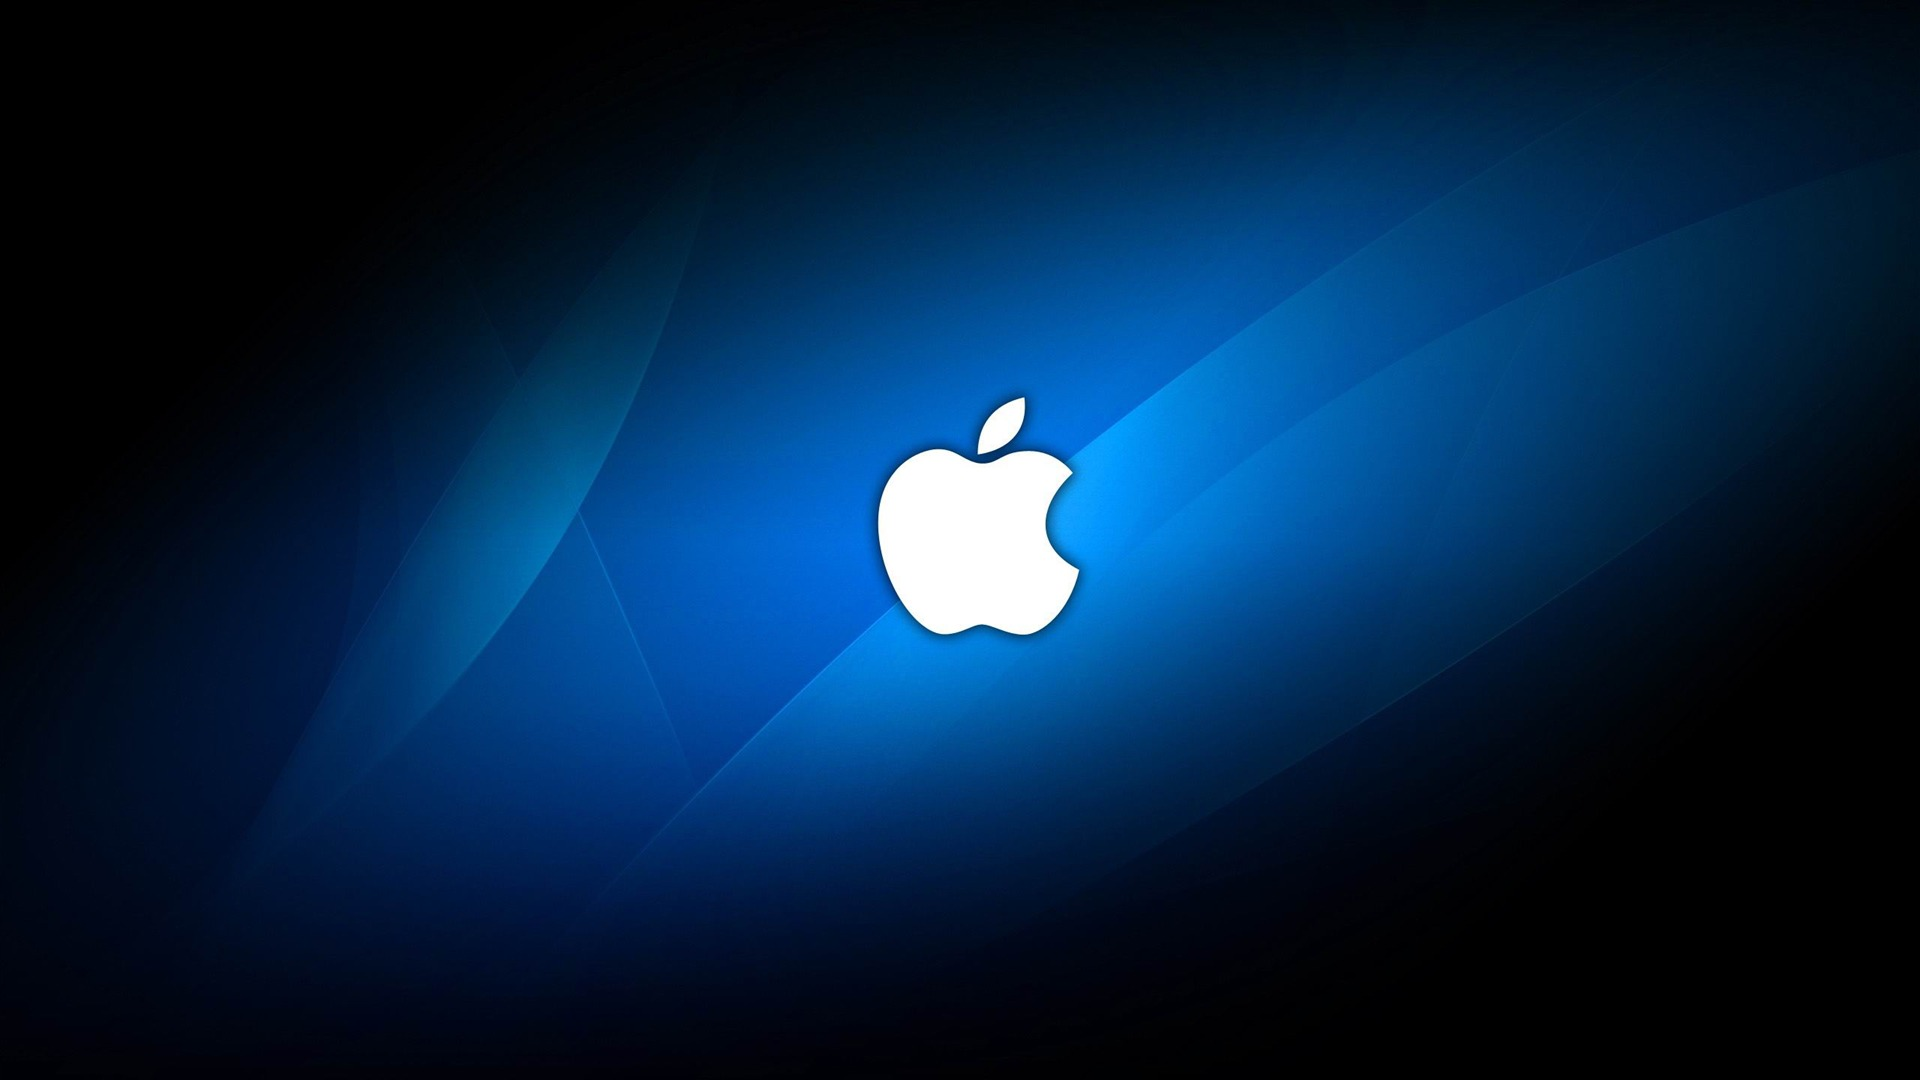 Cool アップルのmacのテーマデスクトップ画面プレビュー 10wallpaper Com